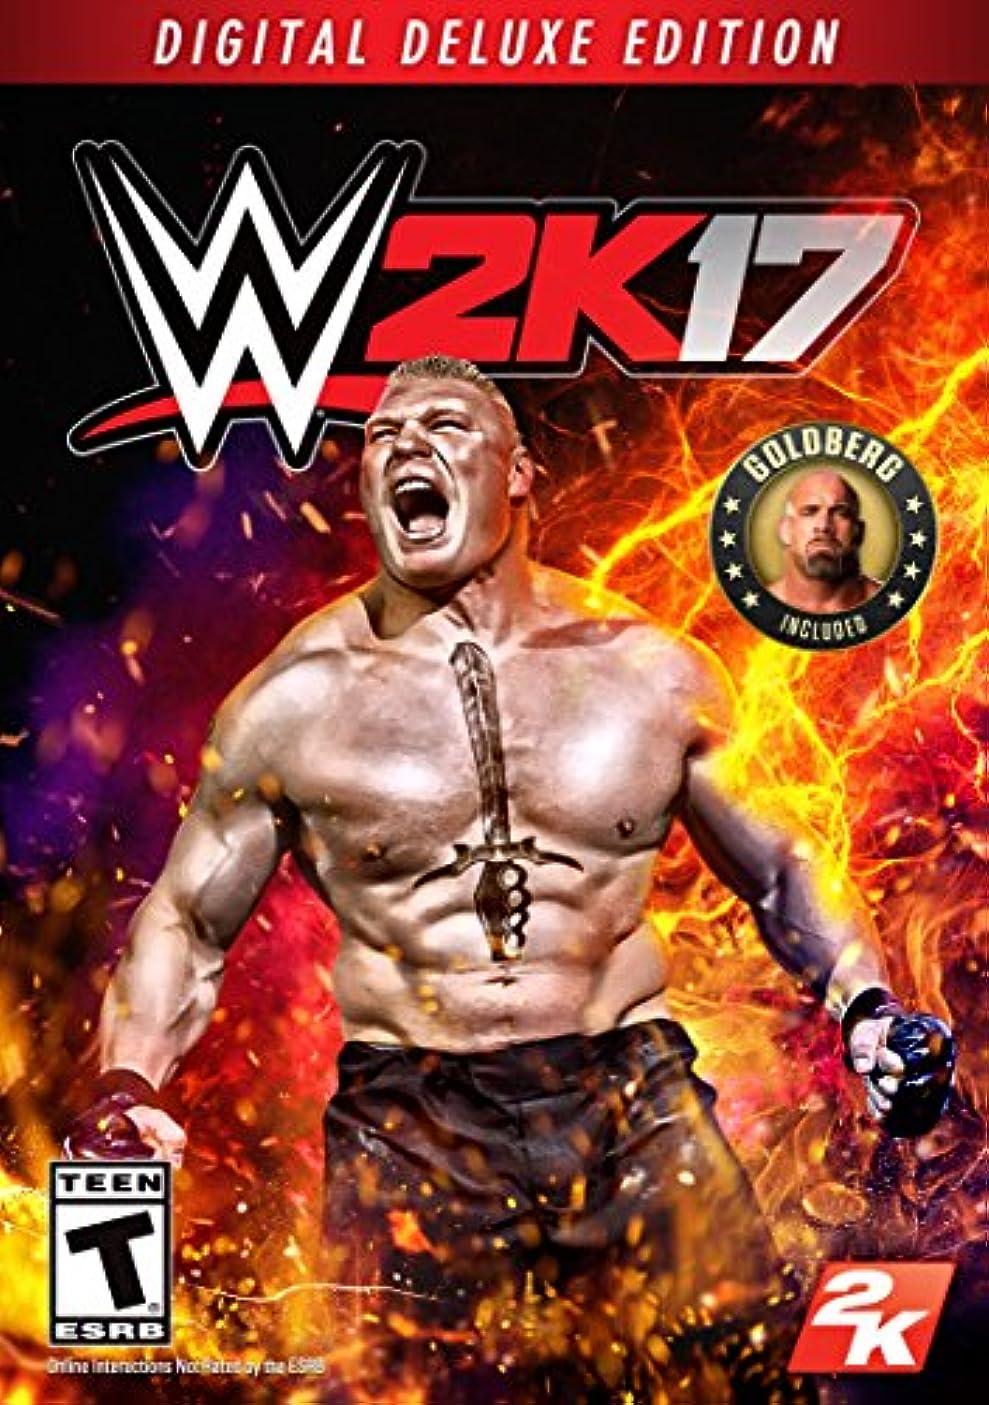 衝突する謙虚邪魔WWE 2K17 Digital Deluxe Edition[英語版]|オンラインコード版